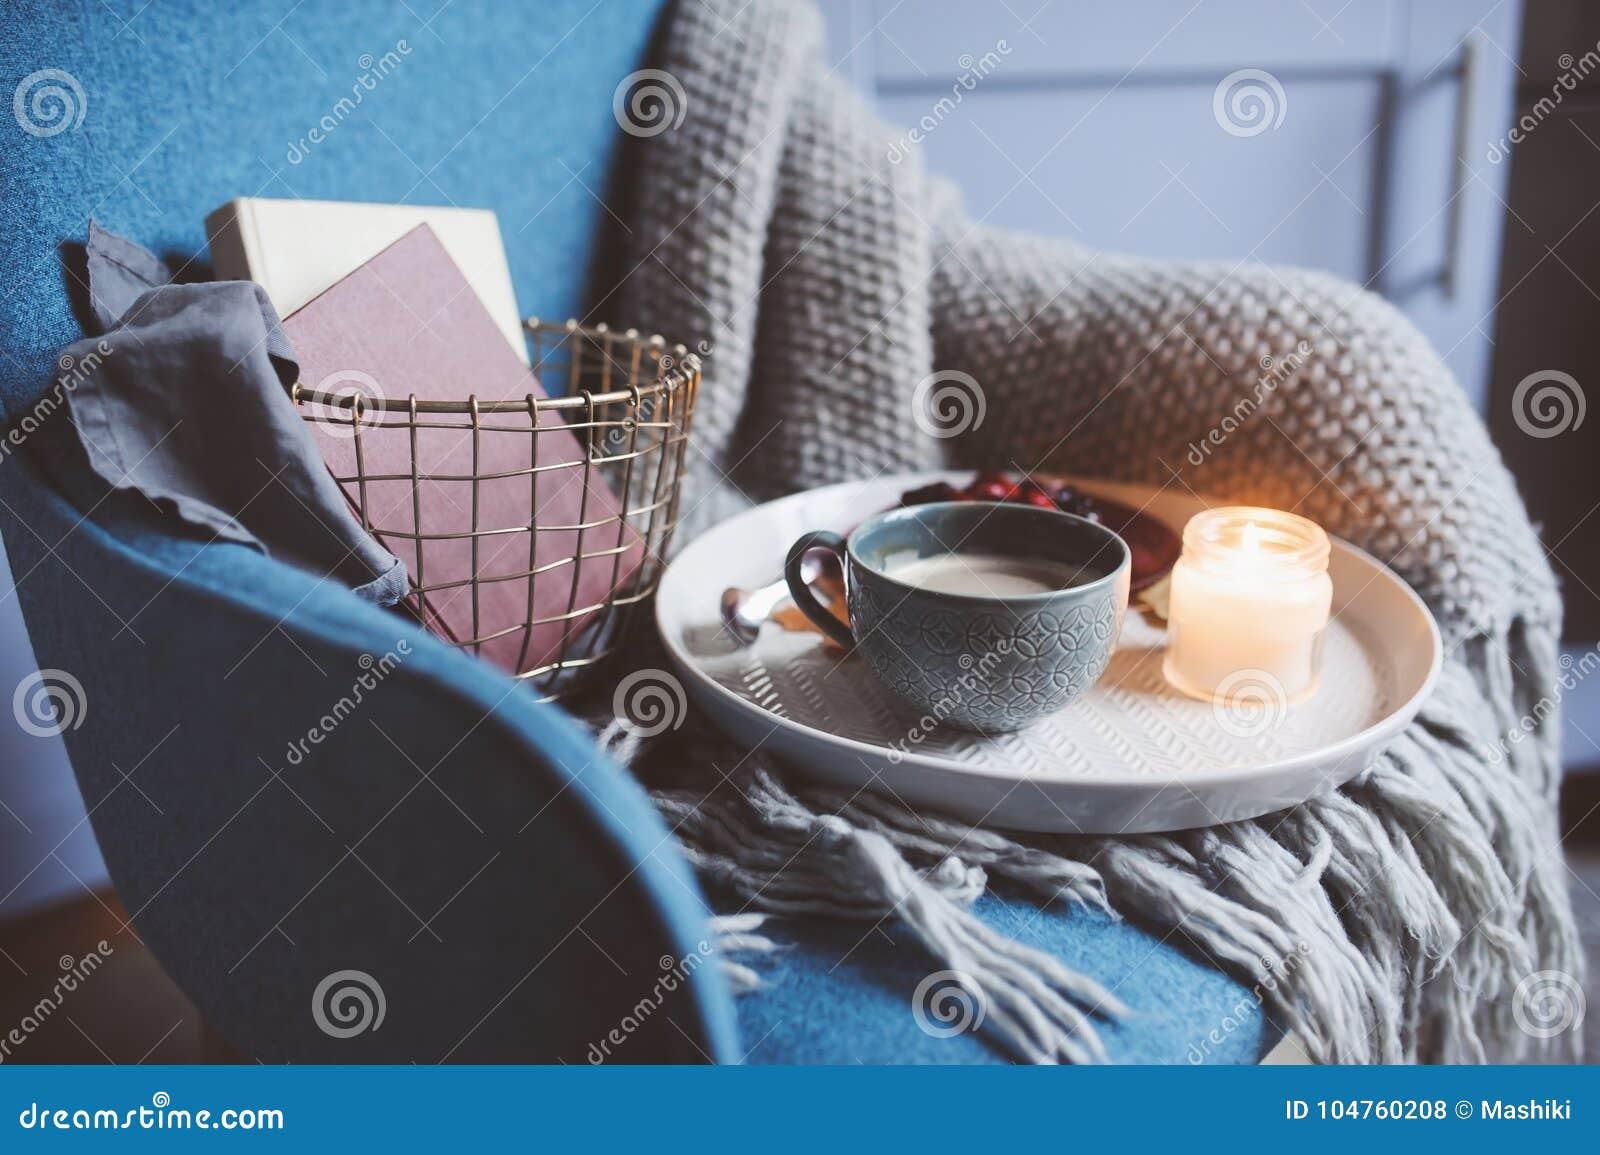 Comfortabel de winterweekend thuis De ochtend met koffie of cacao, boeken, verwarmt gebreide algemene en noordse stijlstoel Hygge